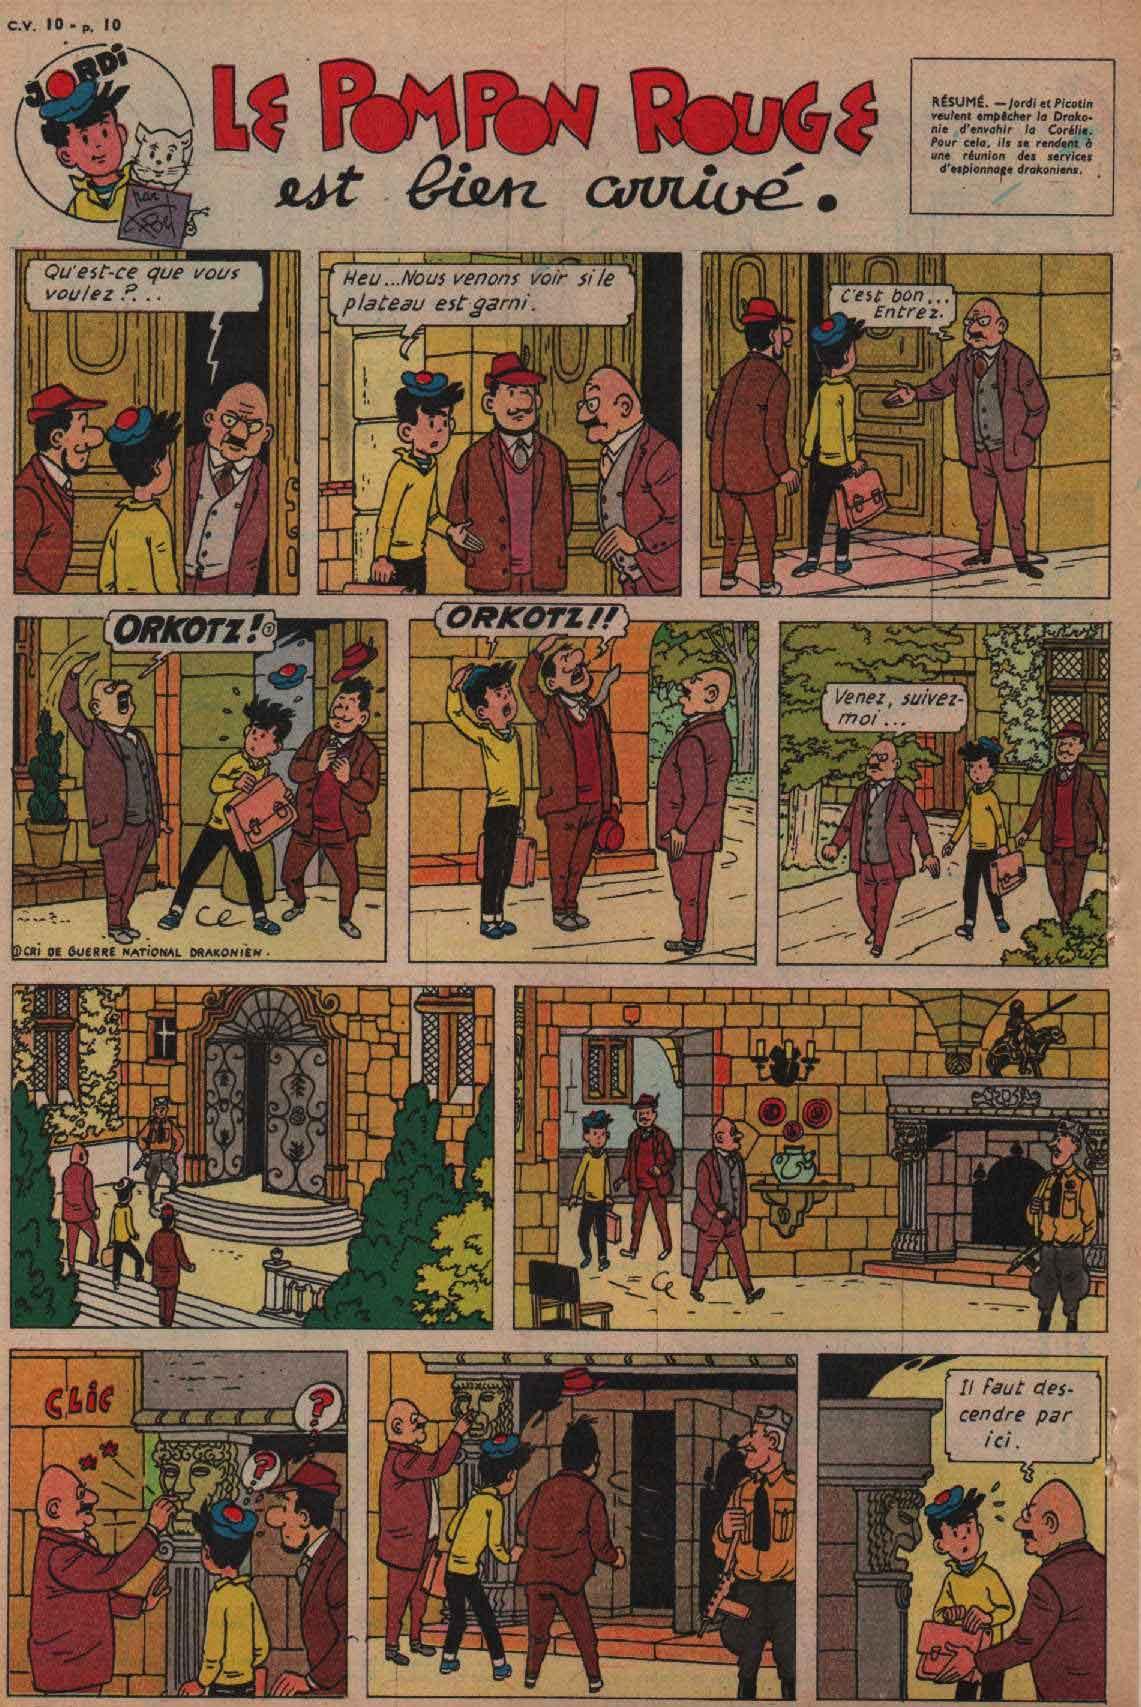 «Jordi: Le Pompon rouge est bien arrivé» Cœurs vaillants n°10 (06/03/1960)